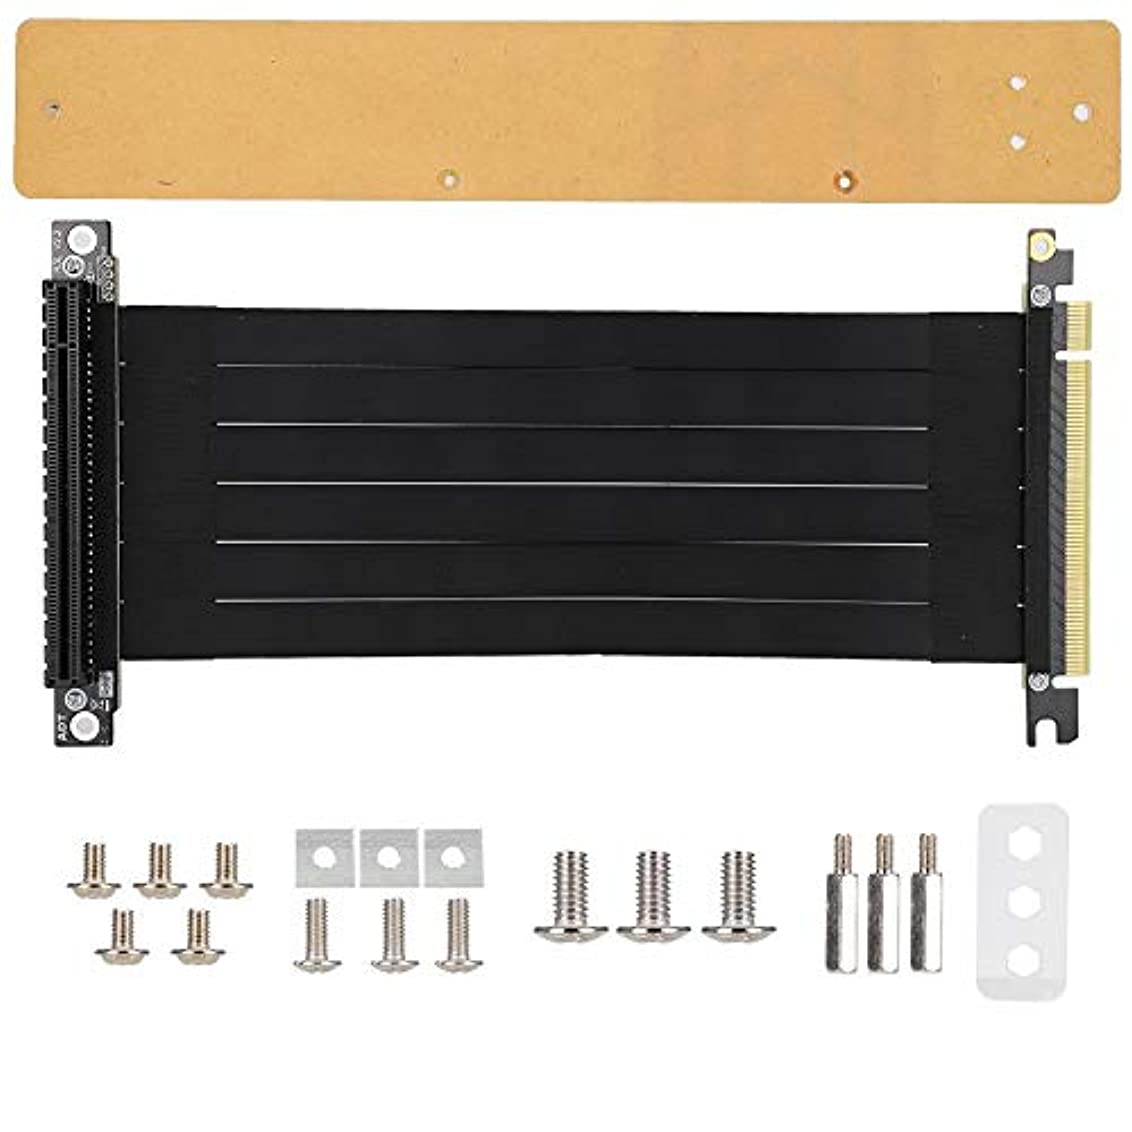 メールを書く急流欠陥Cosiki 9インチ PCI-E グラフィックスカード延長ケーブルセット PCI-E グラフィックスカードインターフェース付き